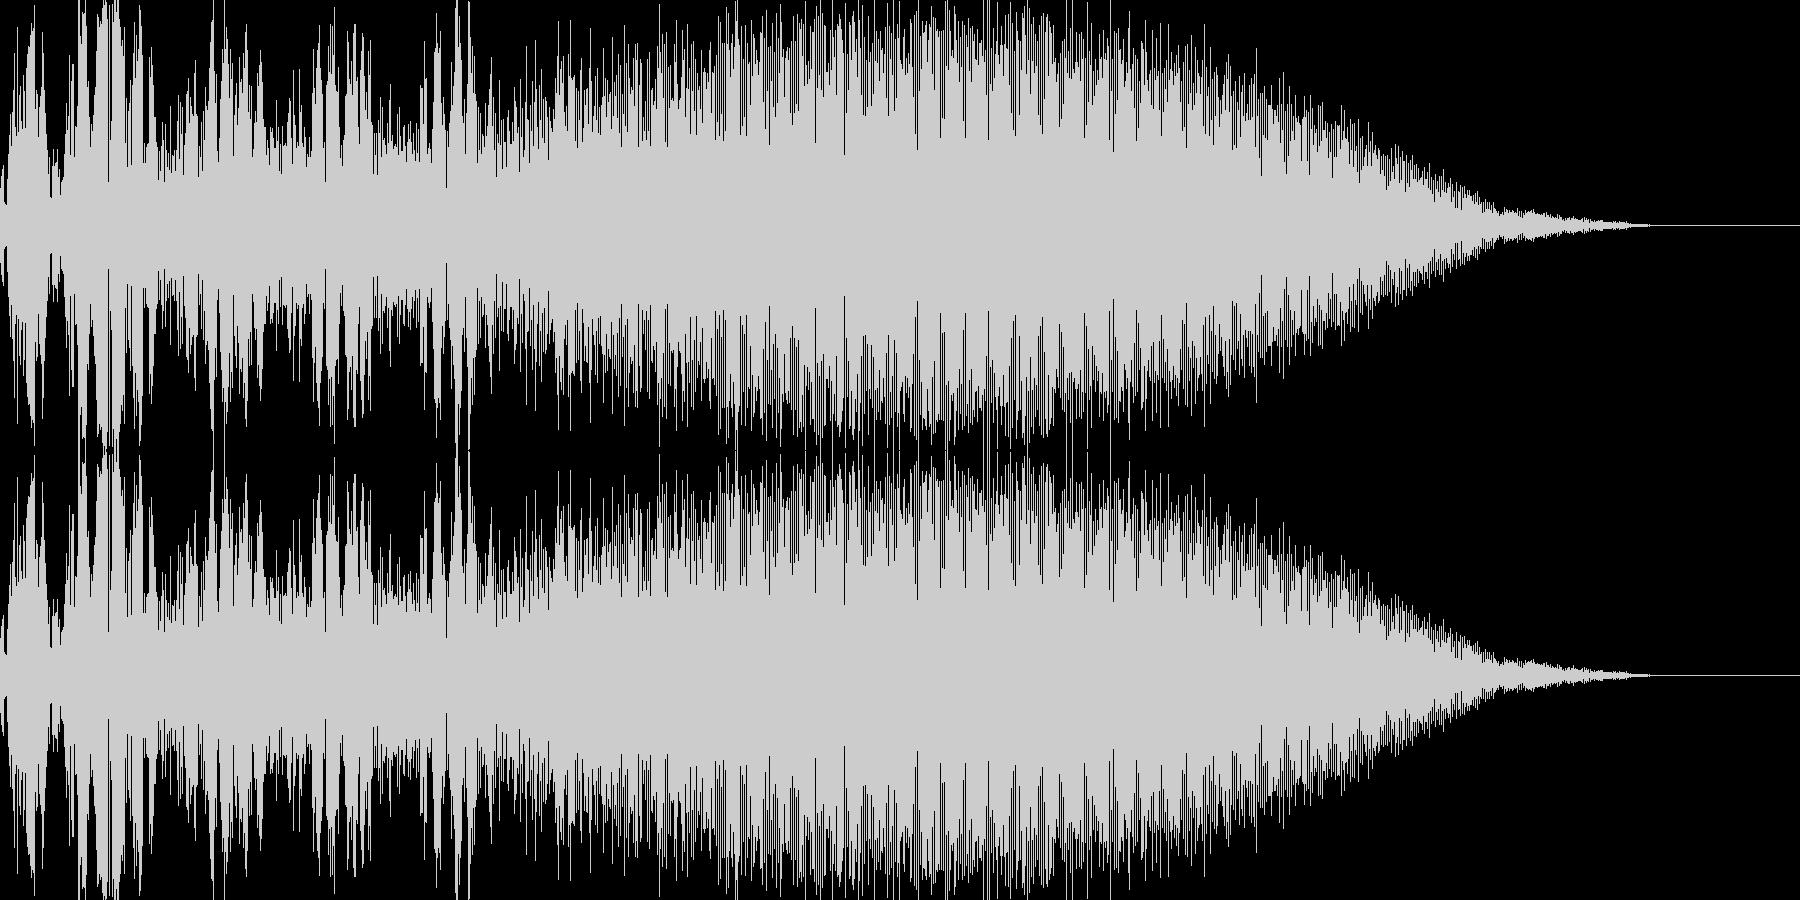 アナログドラム風「選択」「決定」音の未再生の波形